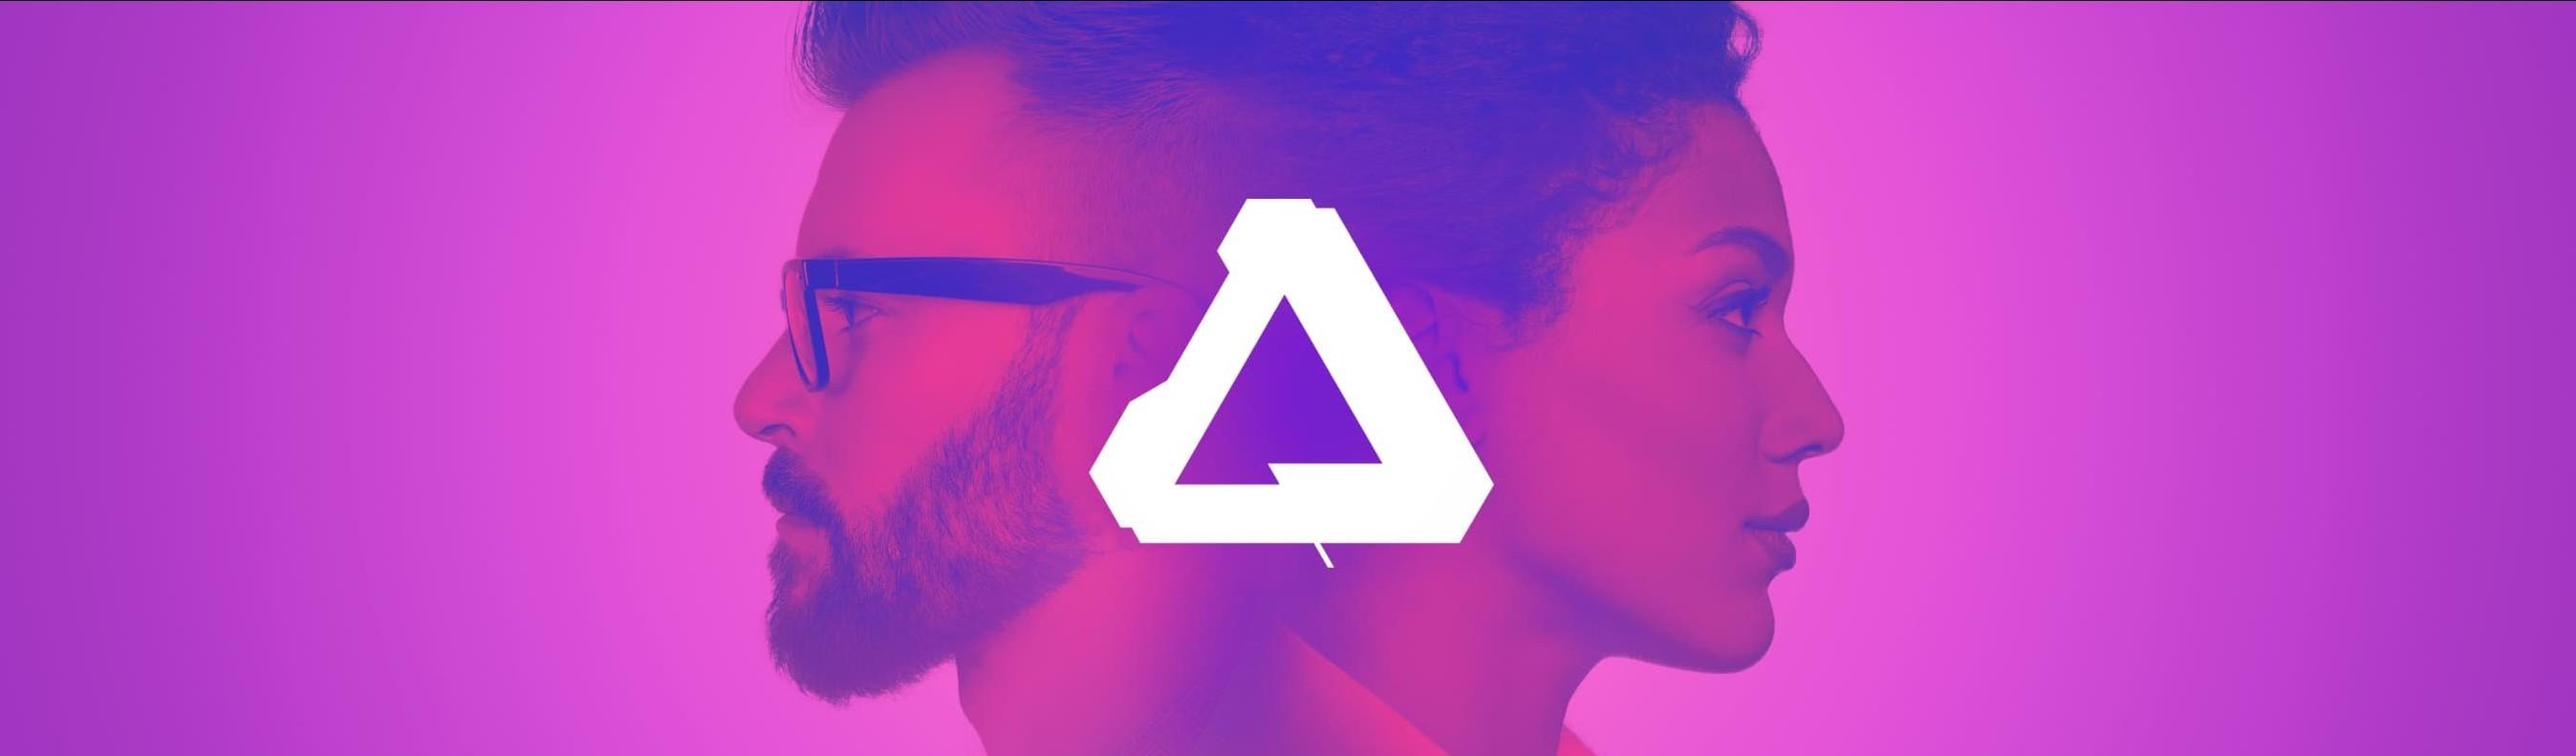 Rywal Photoshopa legalnie i za darmo - cały pakiet Affinity dostępny przez 3 miesiące 20